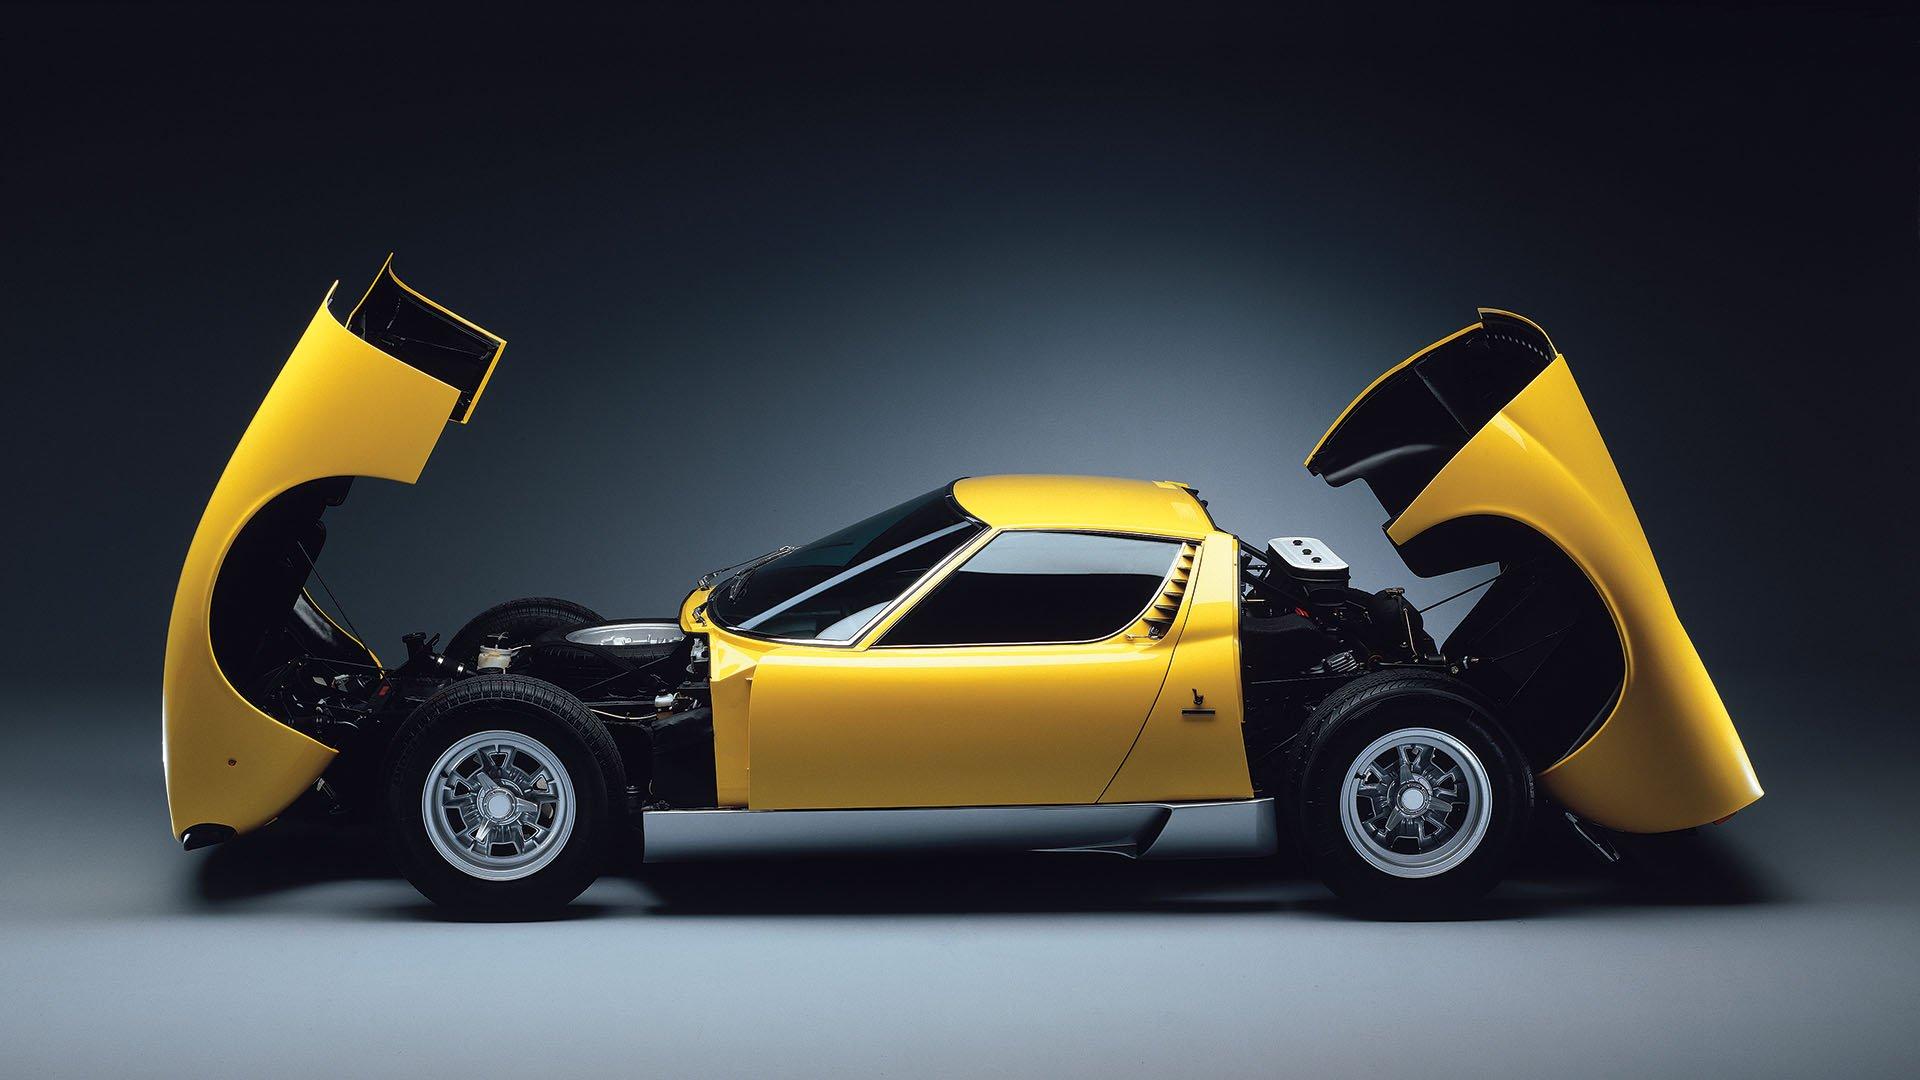 Yellow Lamborghini Miura